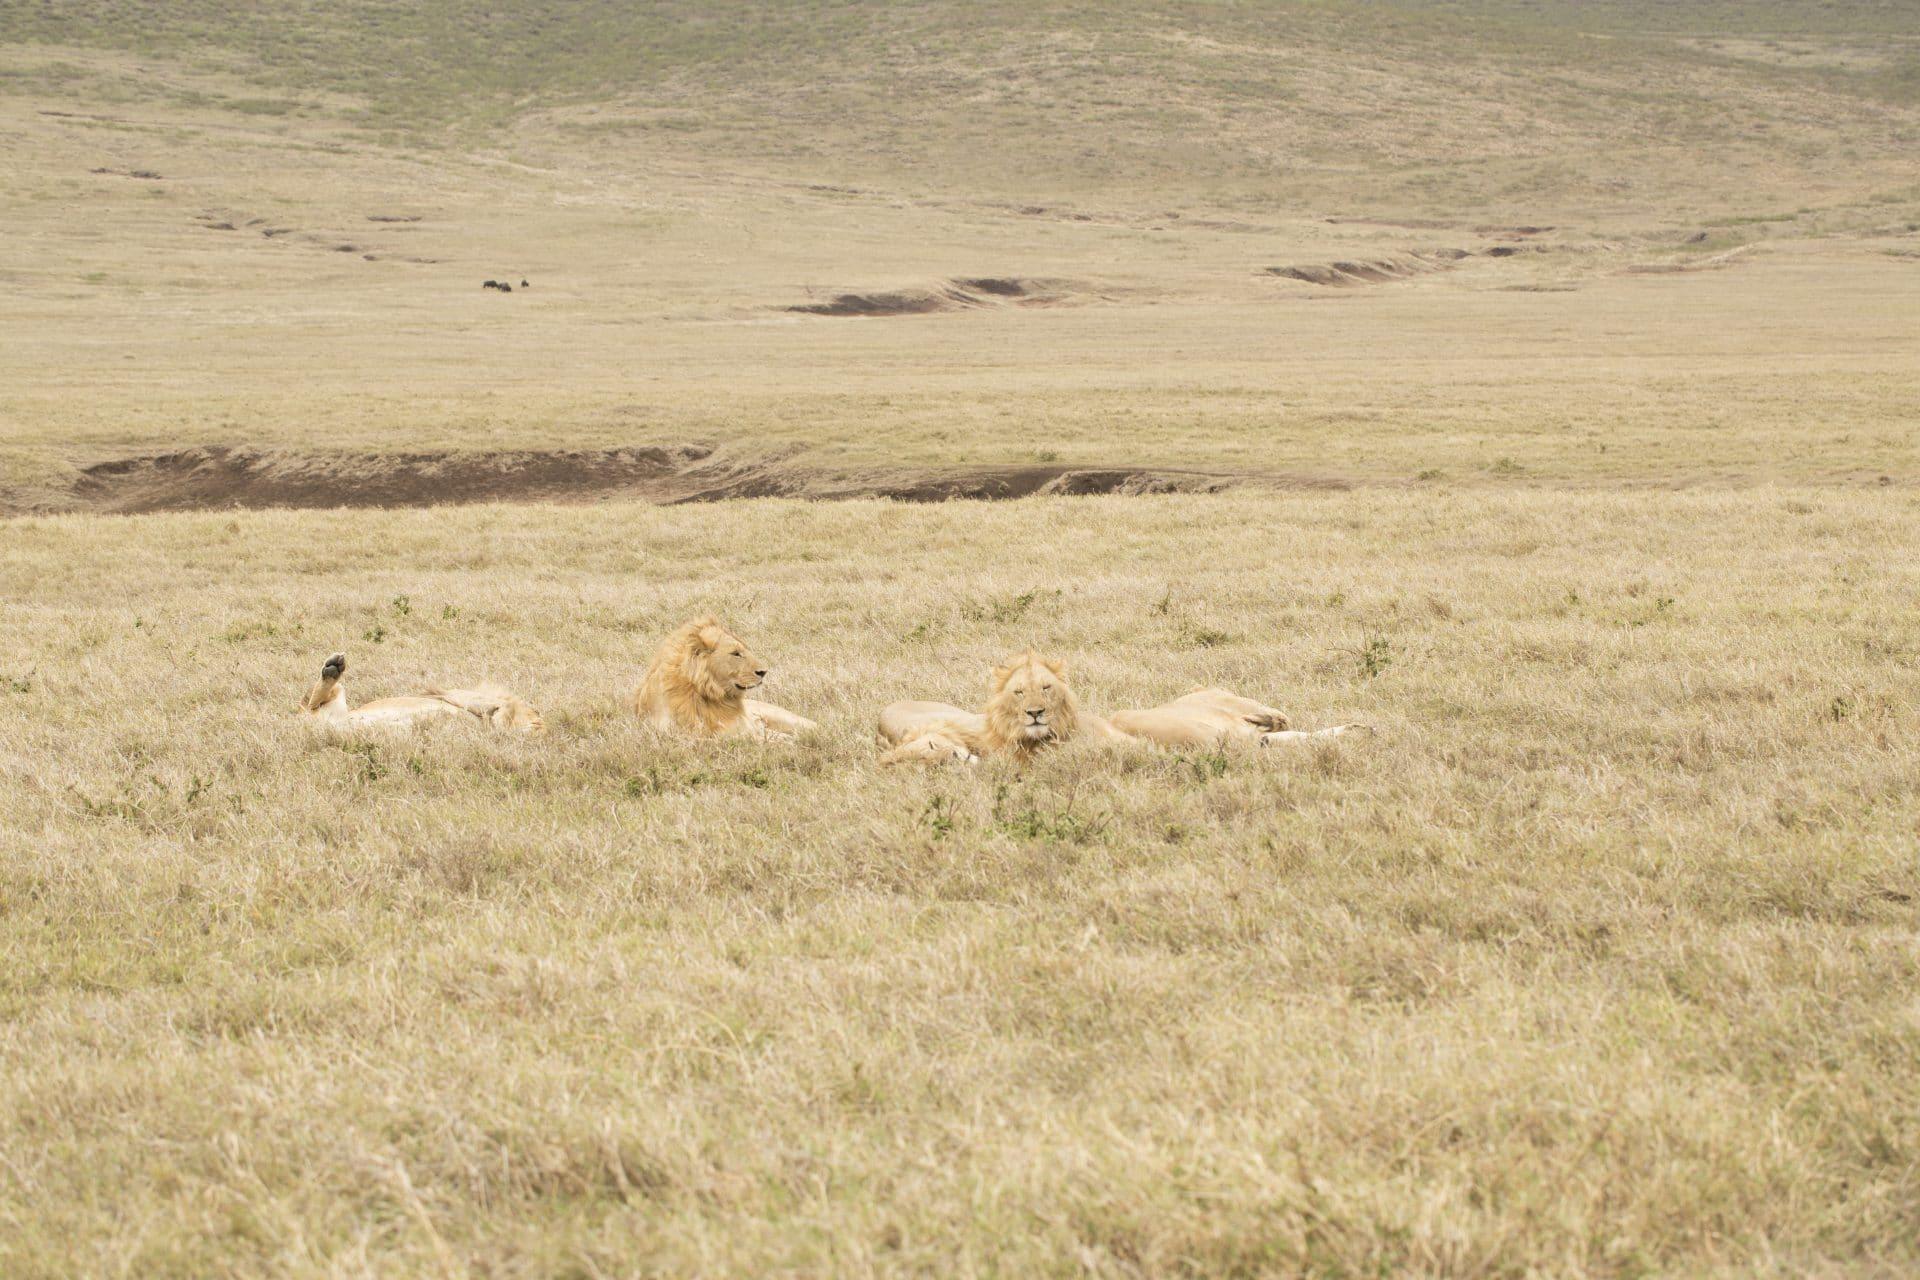 Lions of safari in Tanzania